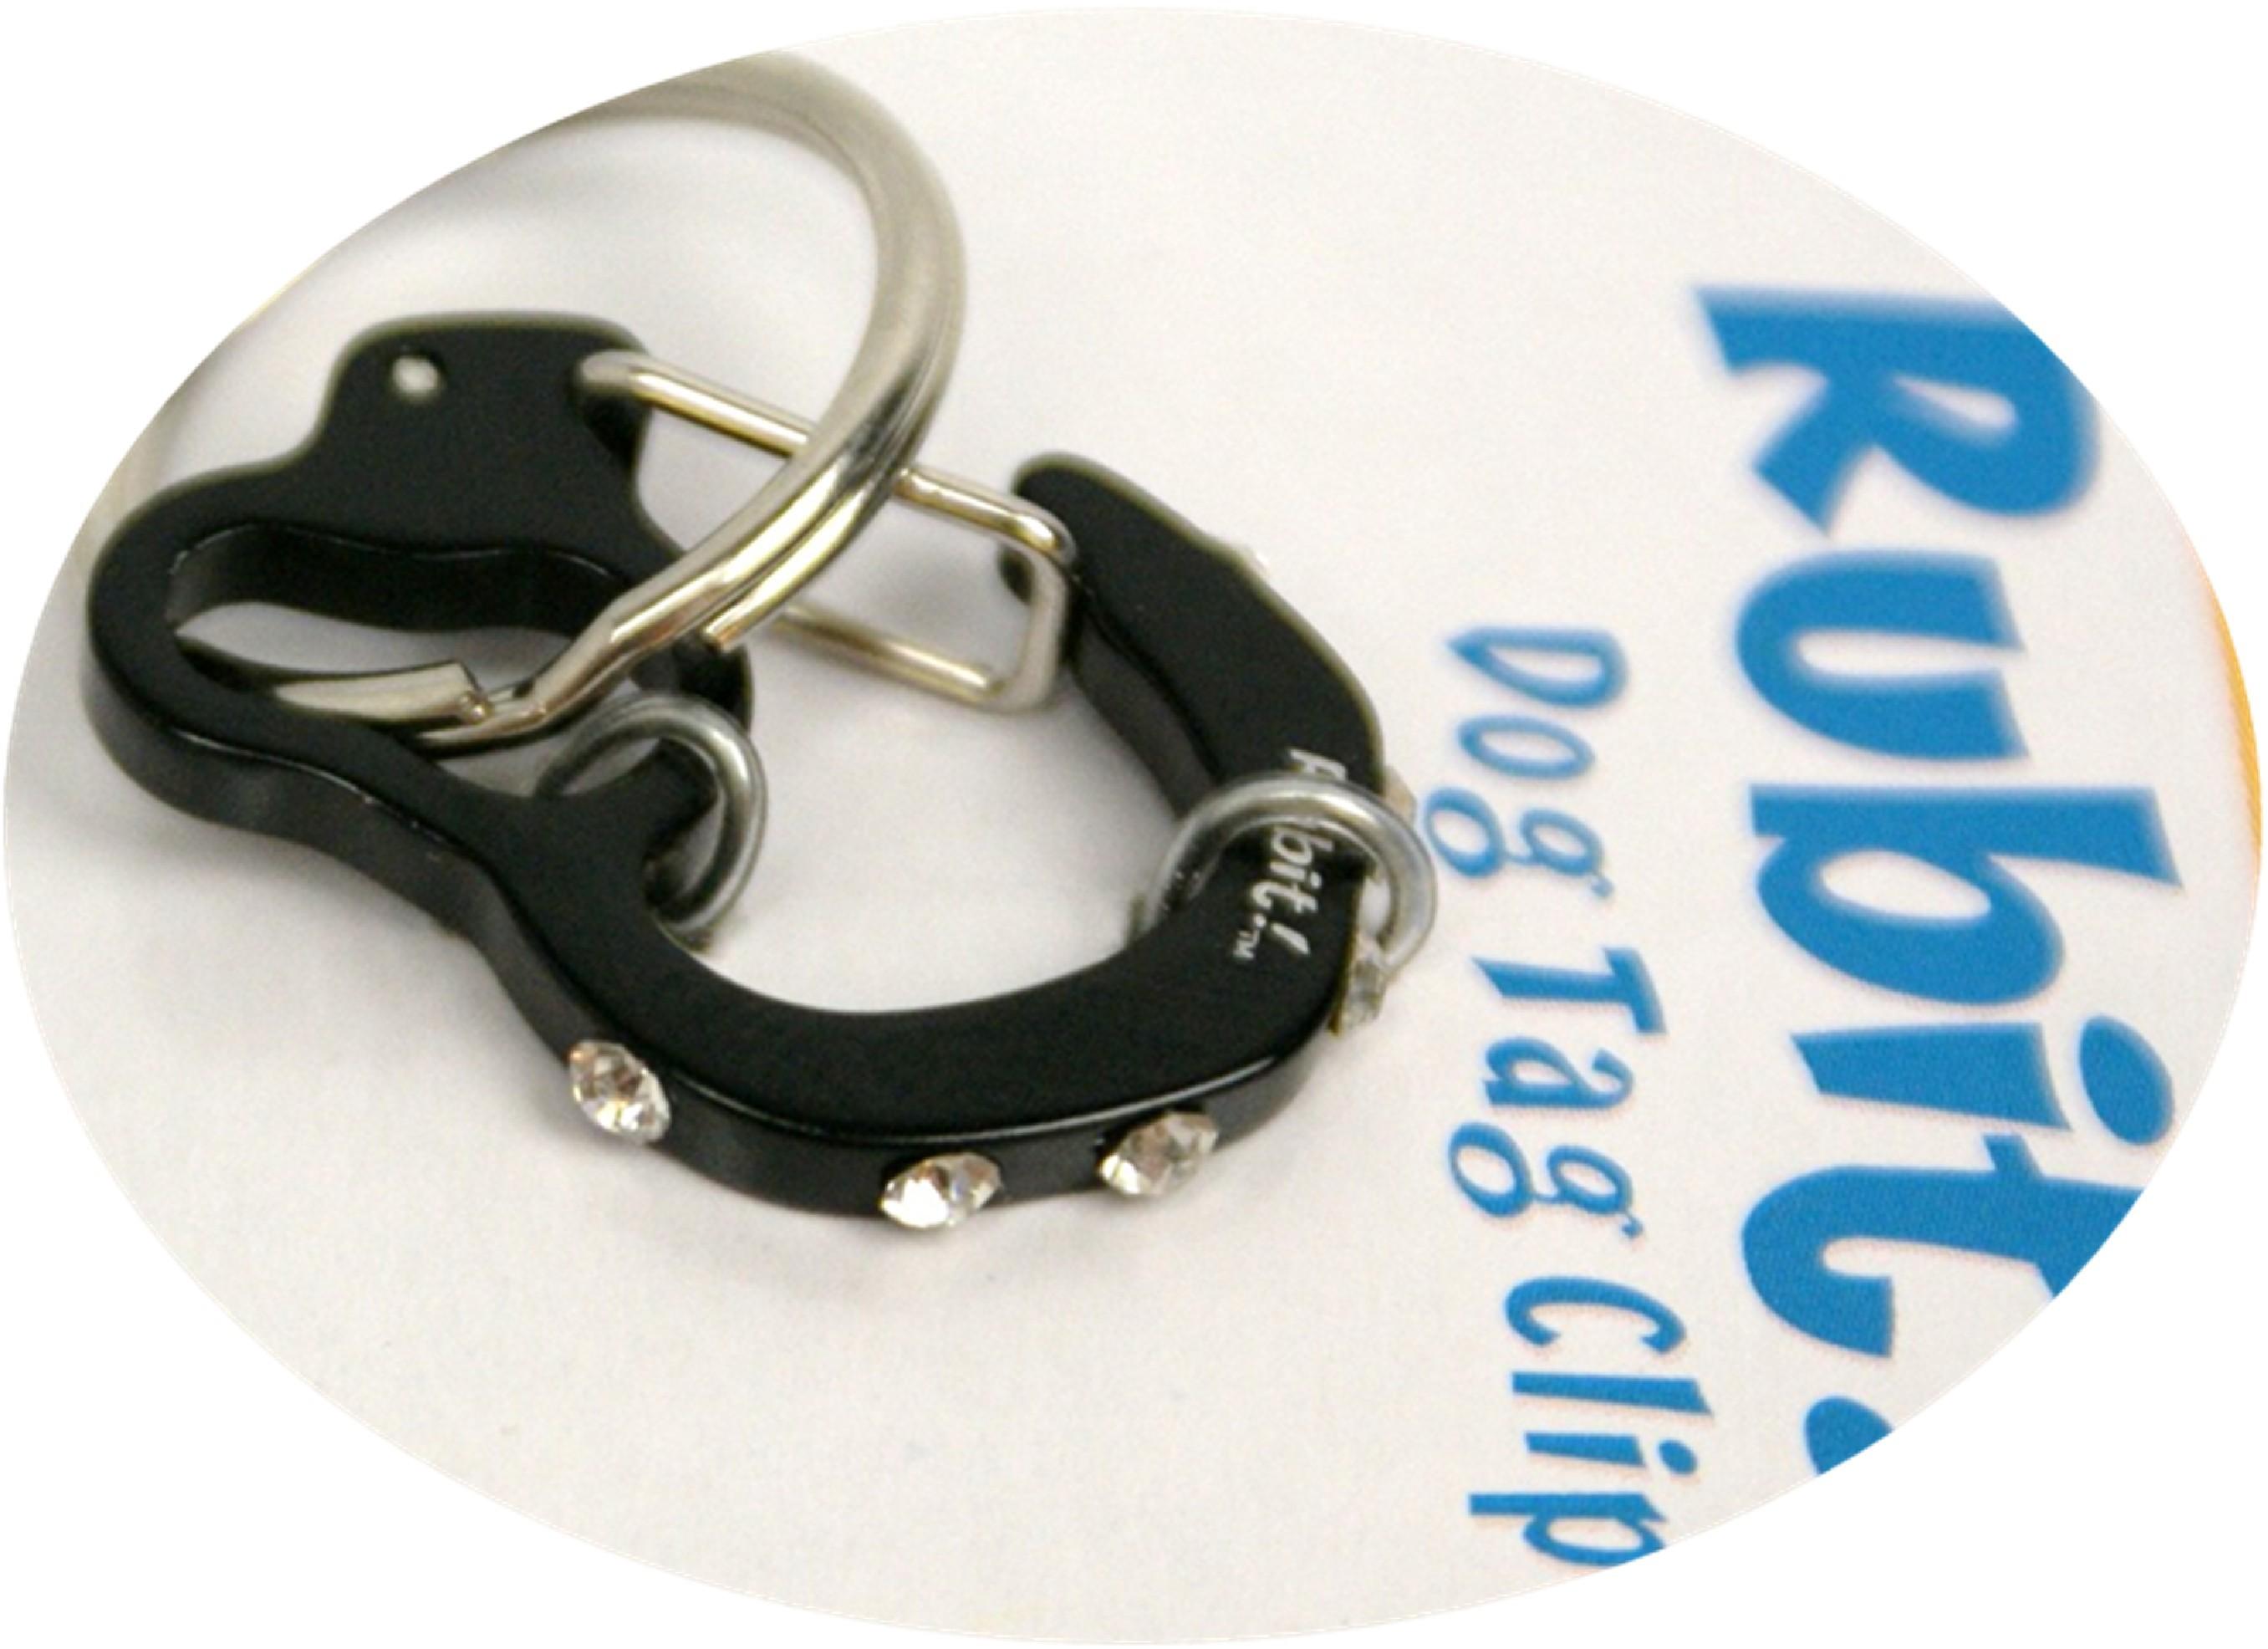 Rubit Dog Tag Clip cu strasuri - carabiniera pentru medalion identificare caini